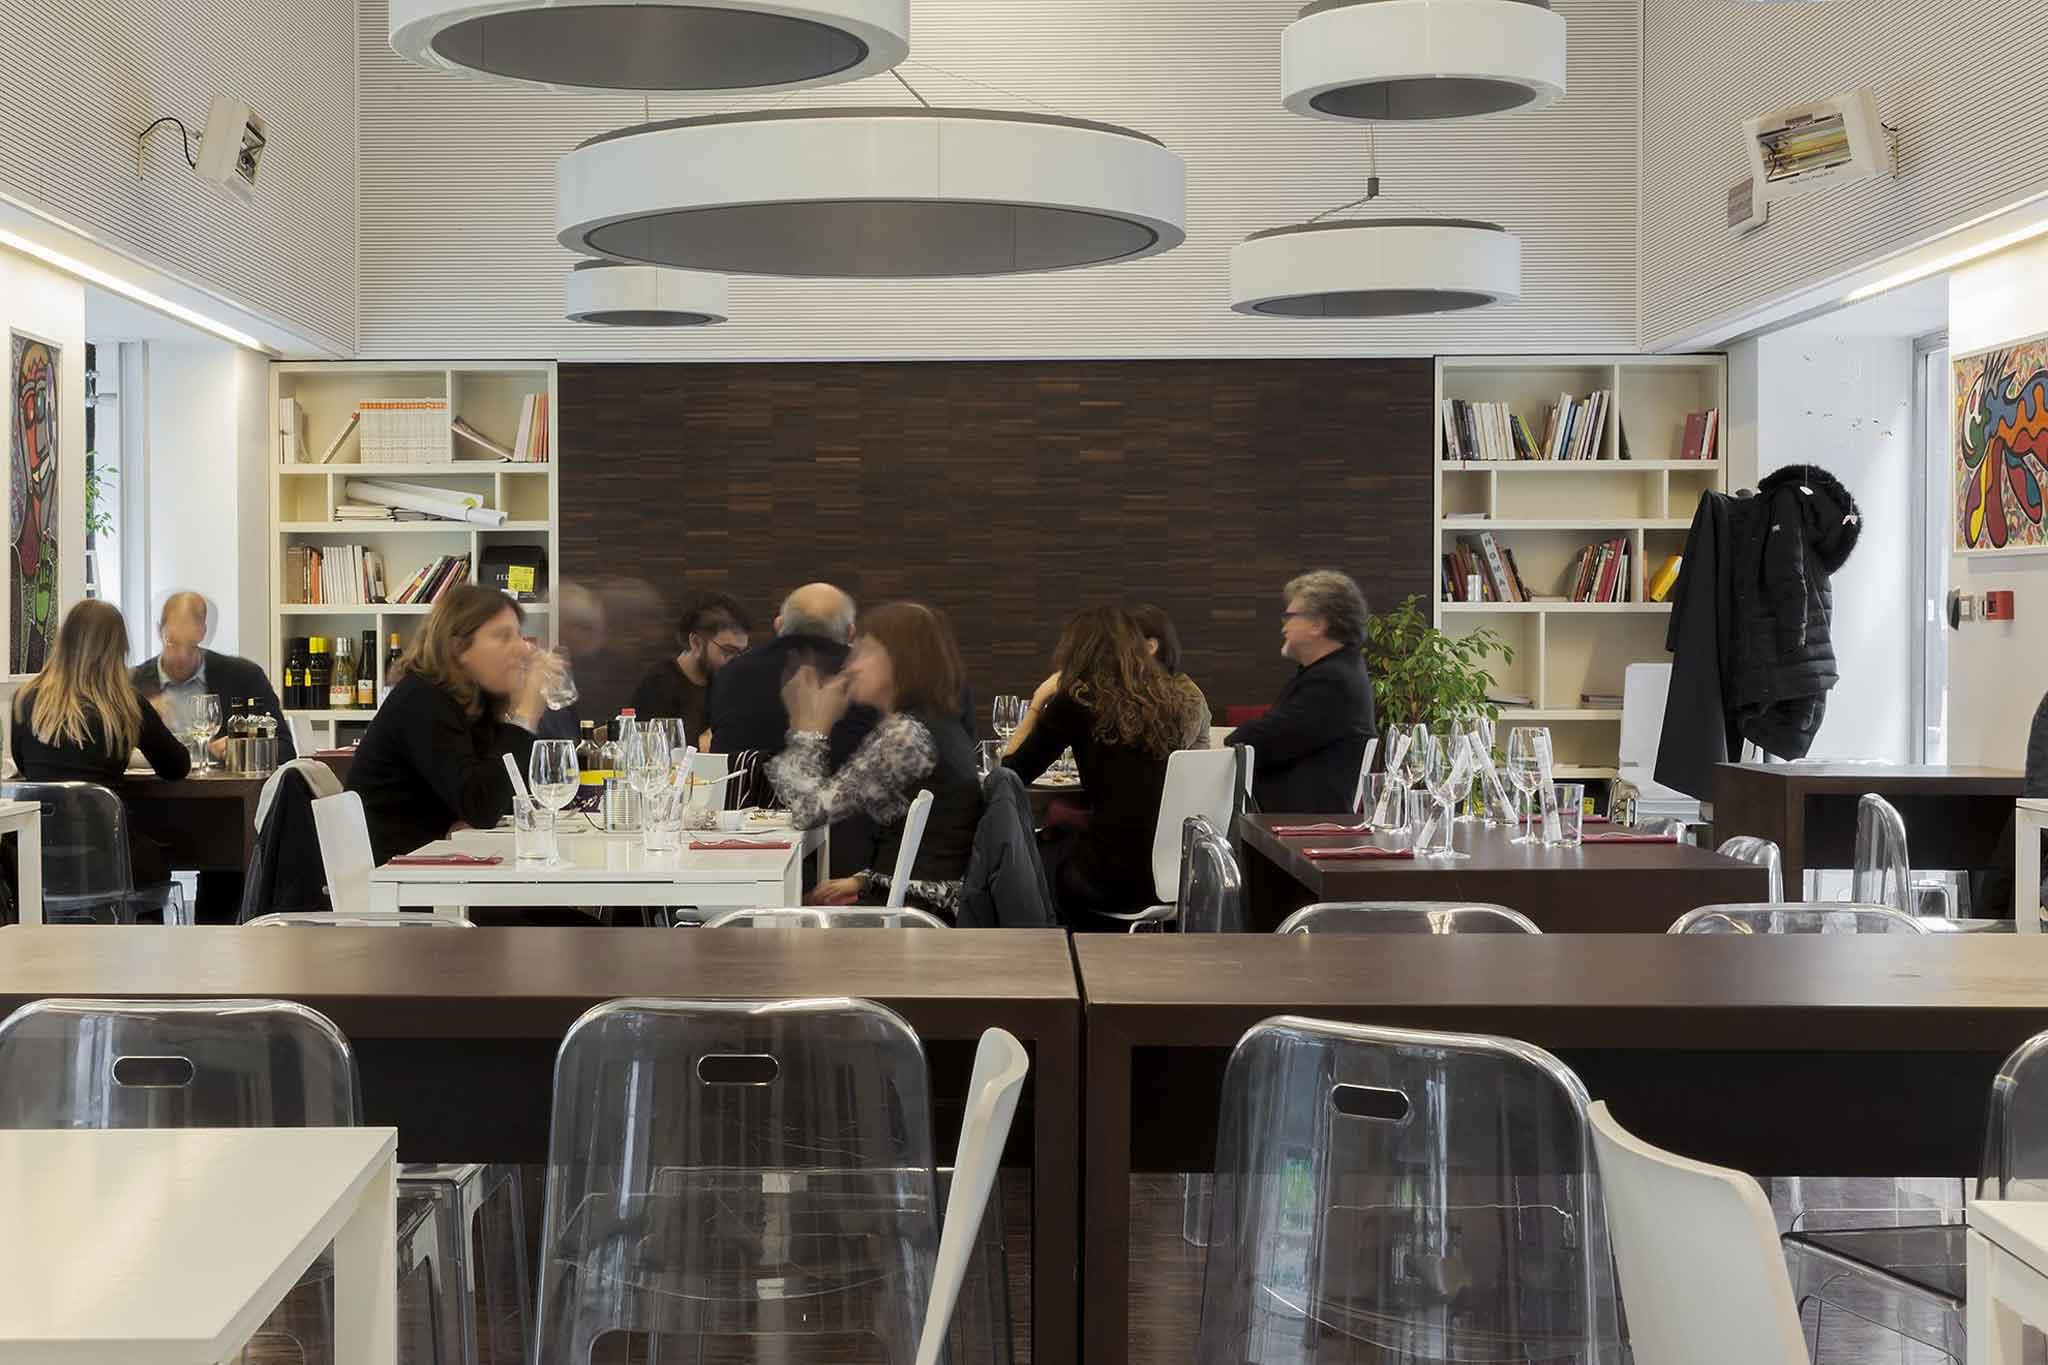 Sala La cucina dei frigoriferi milanesi